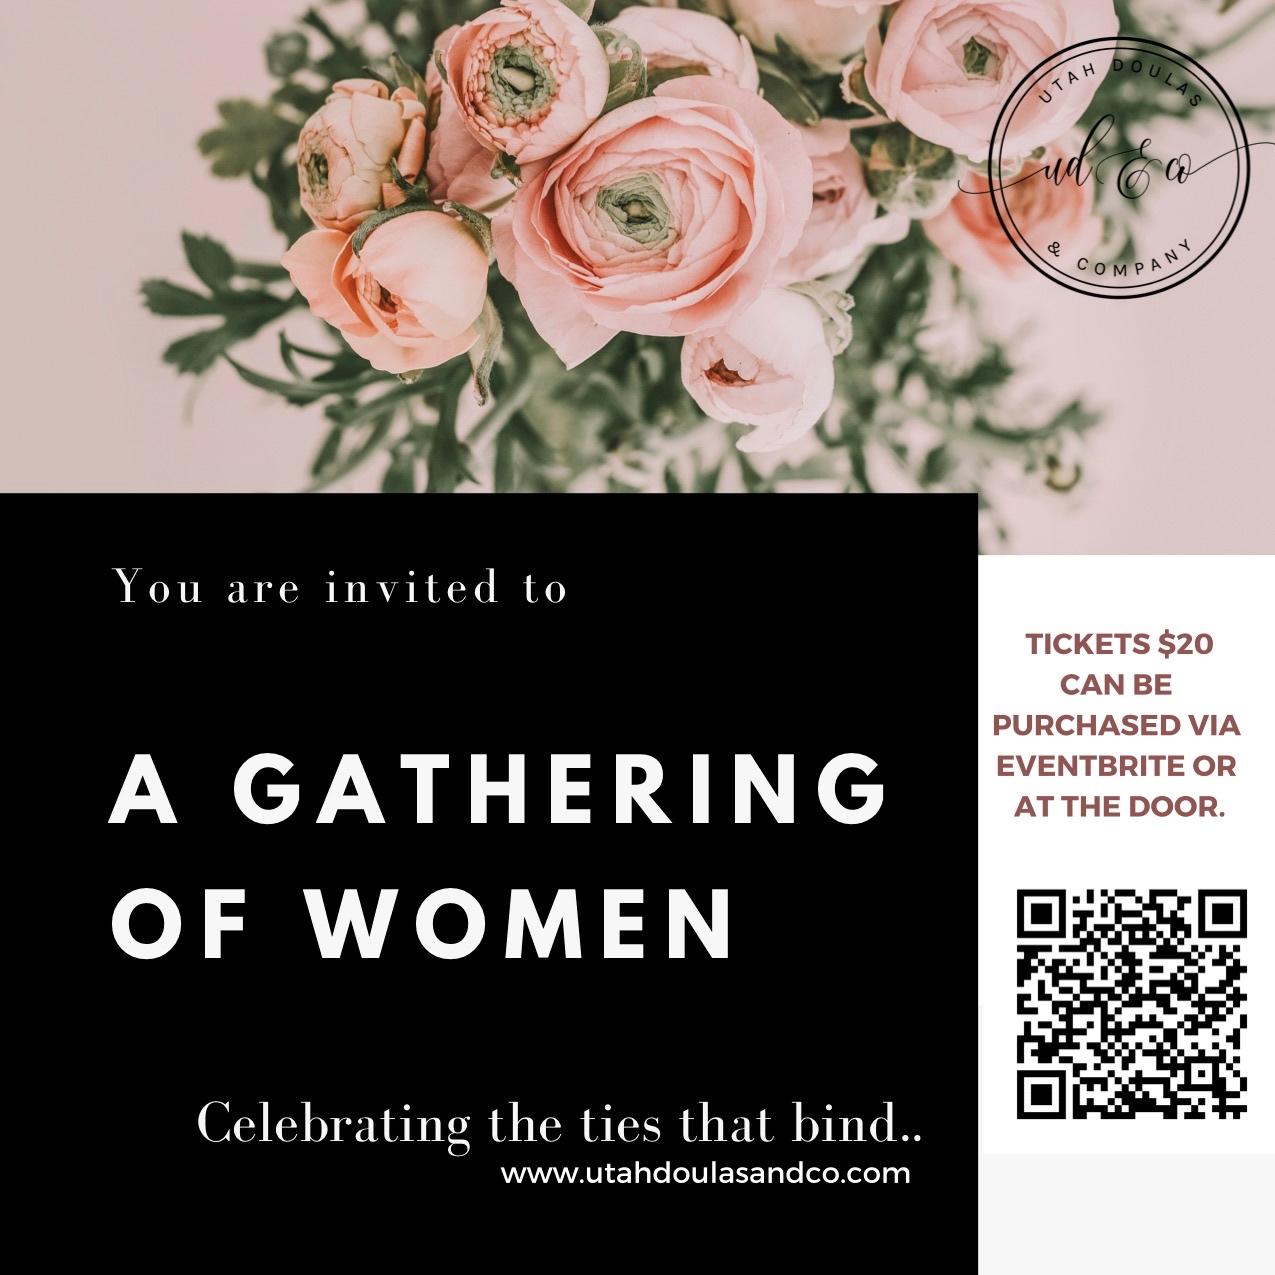 A+Gathering+of+women+flyer.jpg